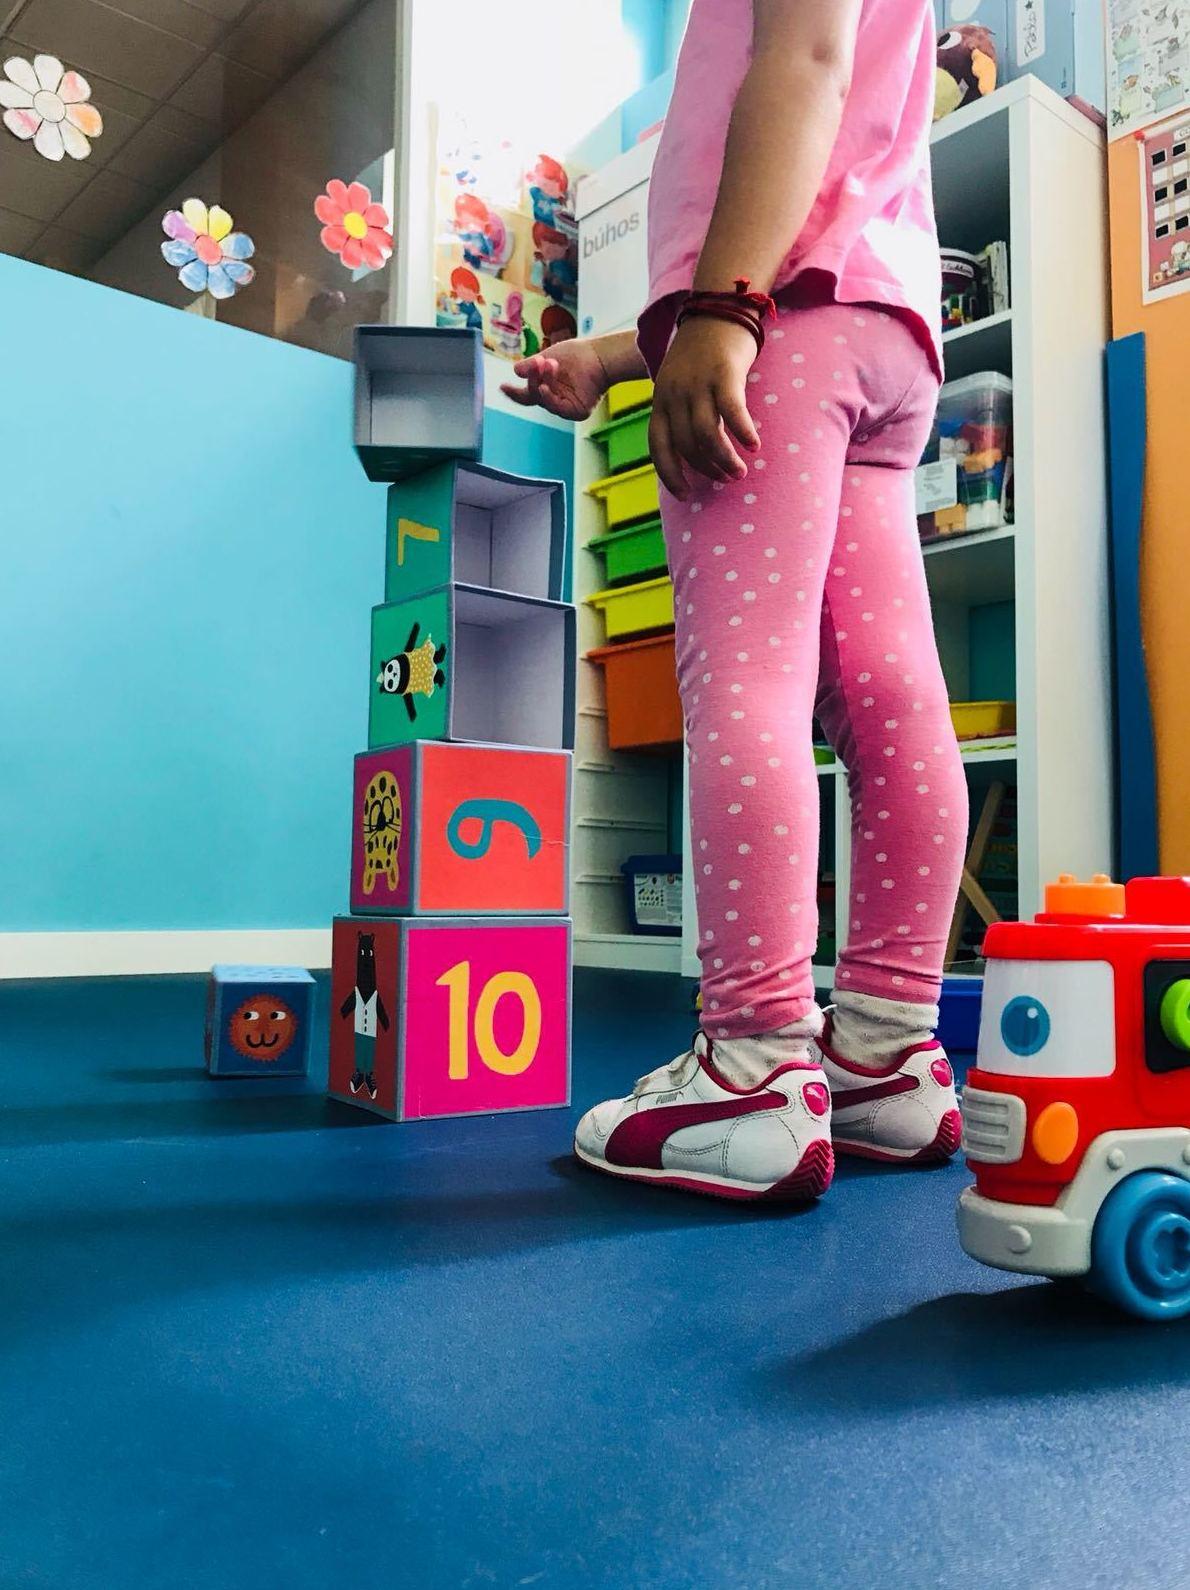 Foto 15 de Escuelas infantiles en Las Palmas de Gran Canaria | Centro Infantil Mi Mundo de Colores